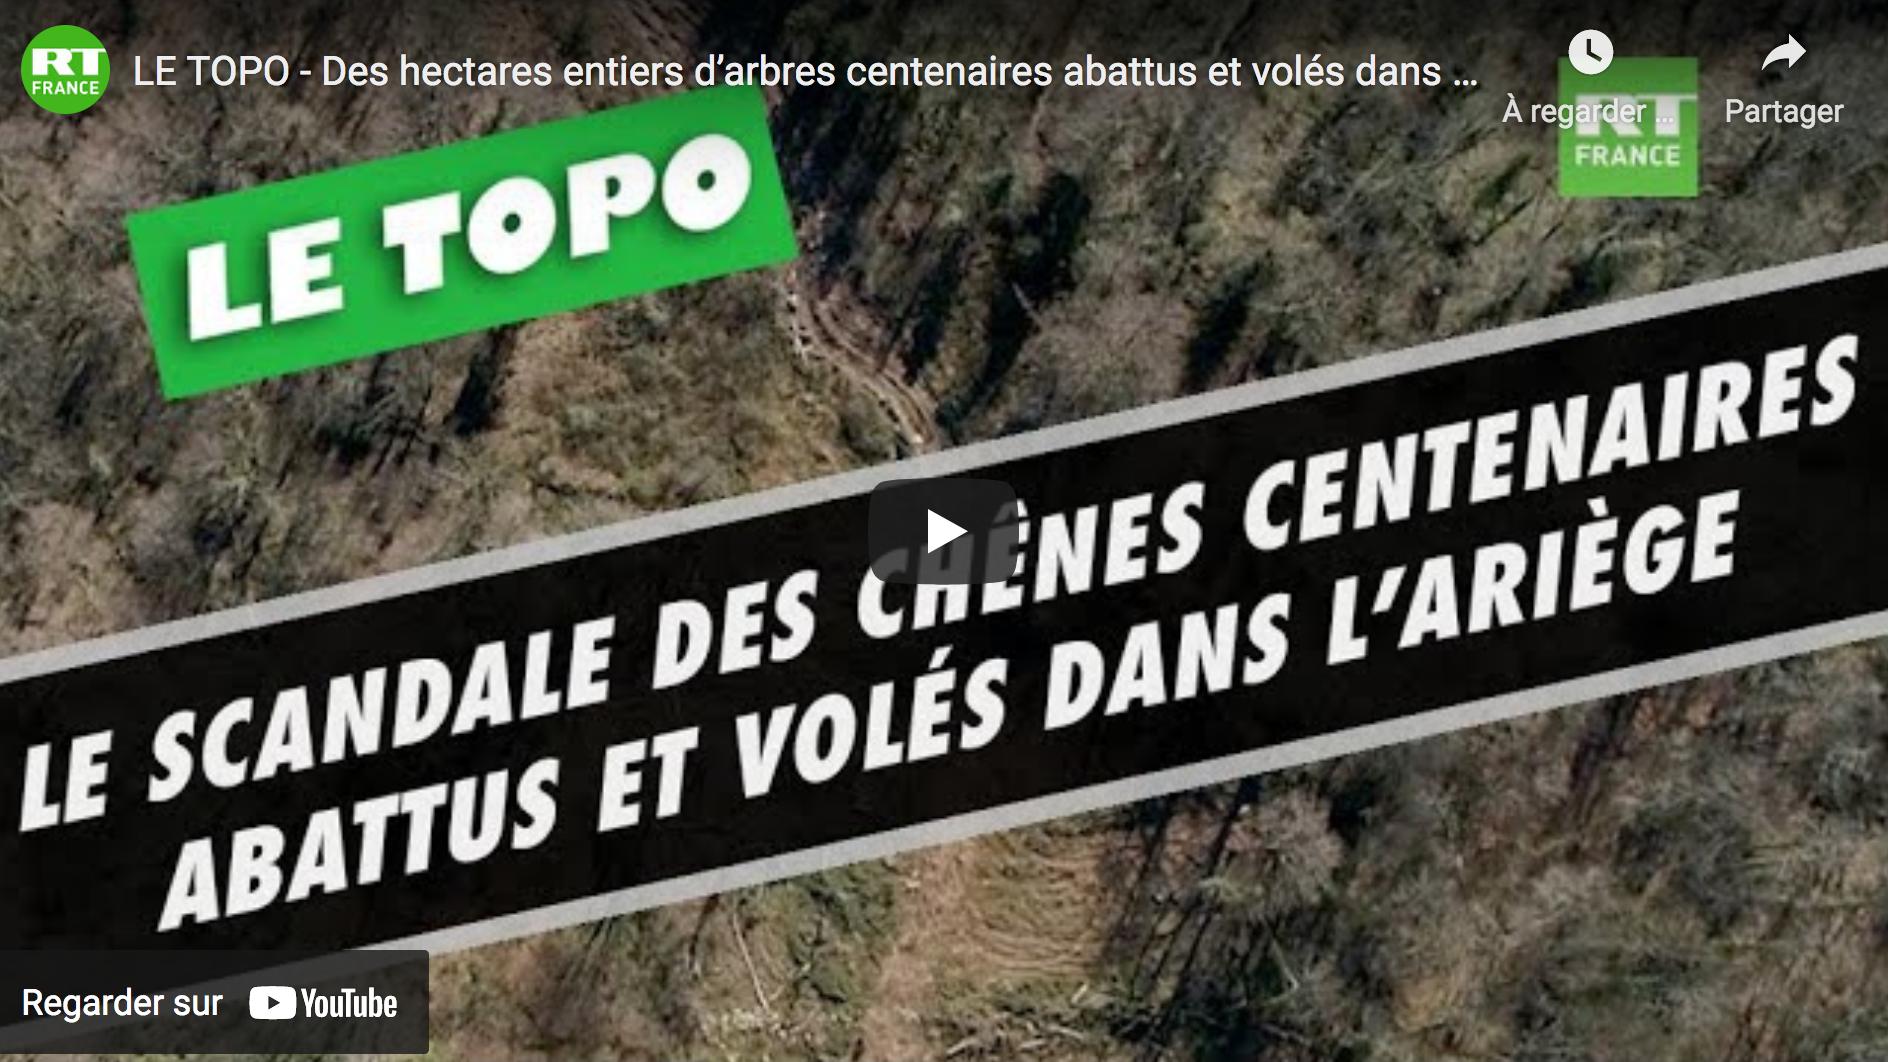 Des hectares entiers d'arbres centenaires abattus et volés dans l'Ariège (ENQUÊTE)